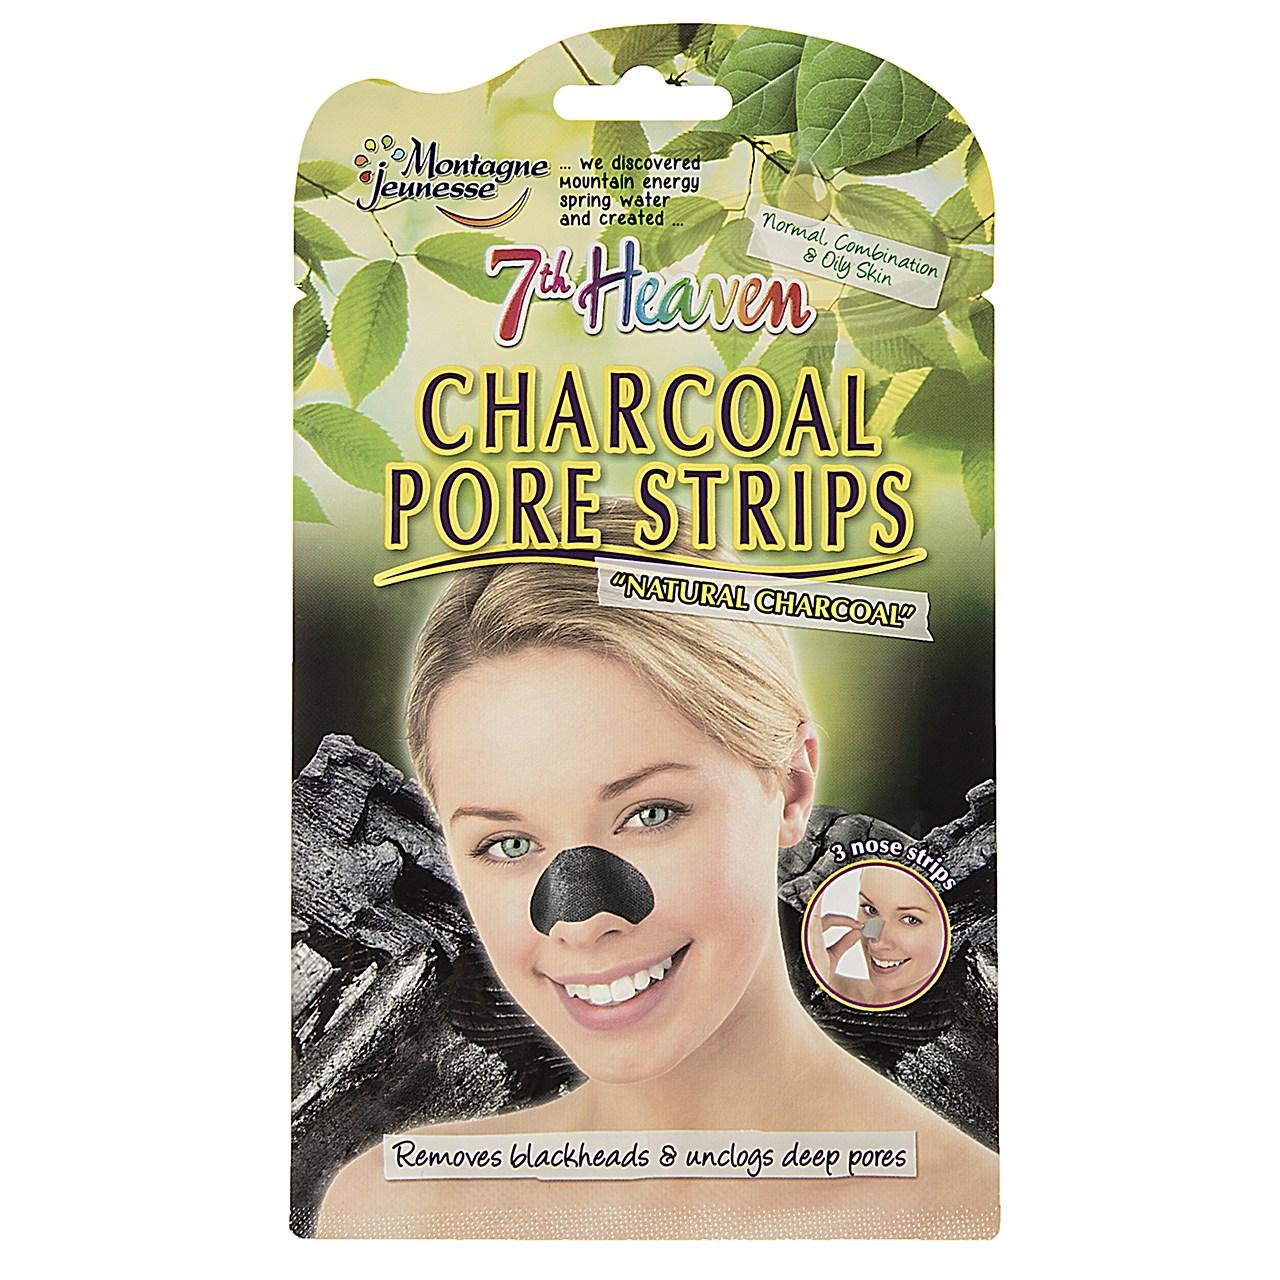 ماسک پاک کننده بینی مونته ژنه سری 7th Heaven مدل Charcoal - سه ورق